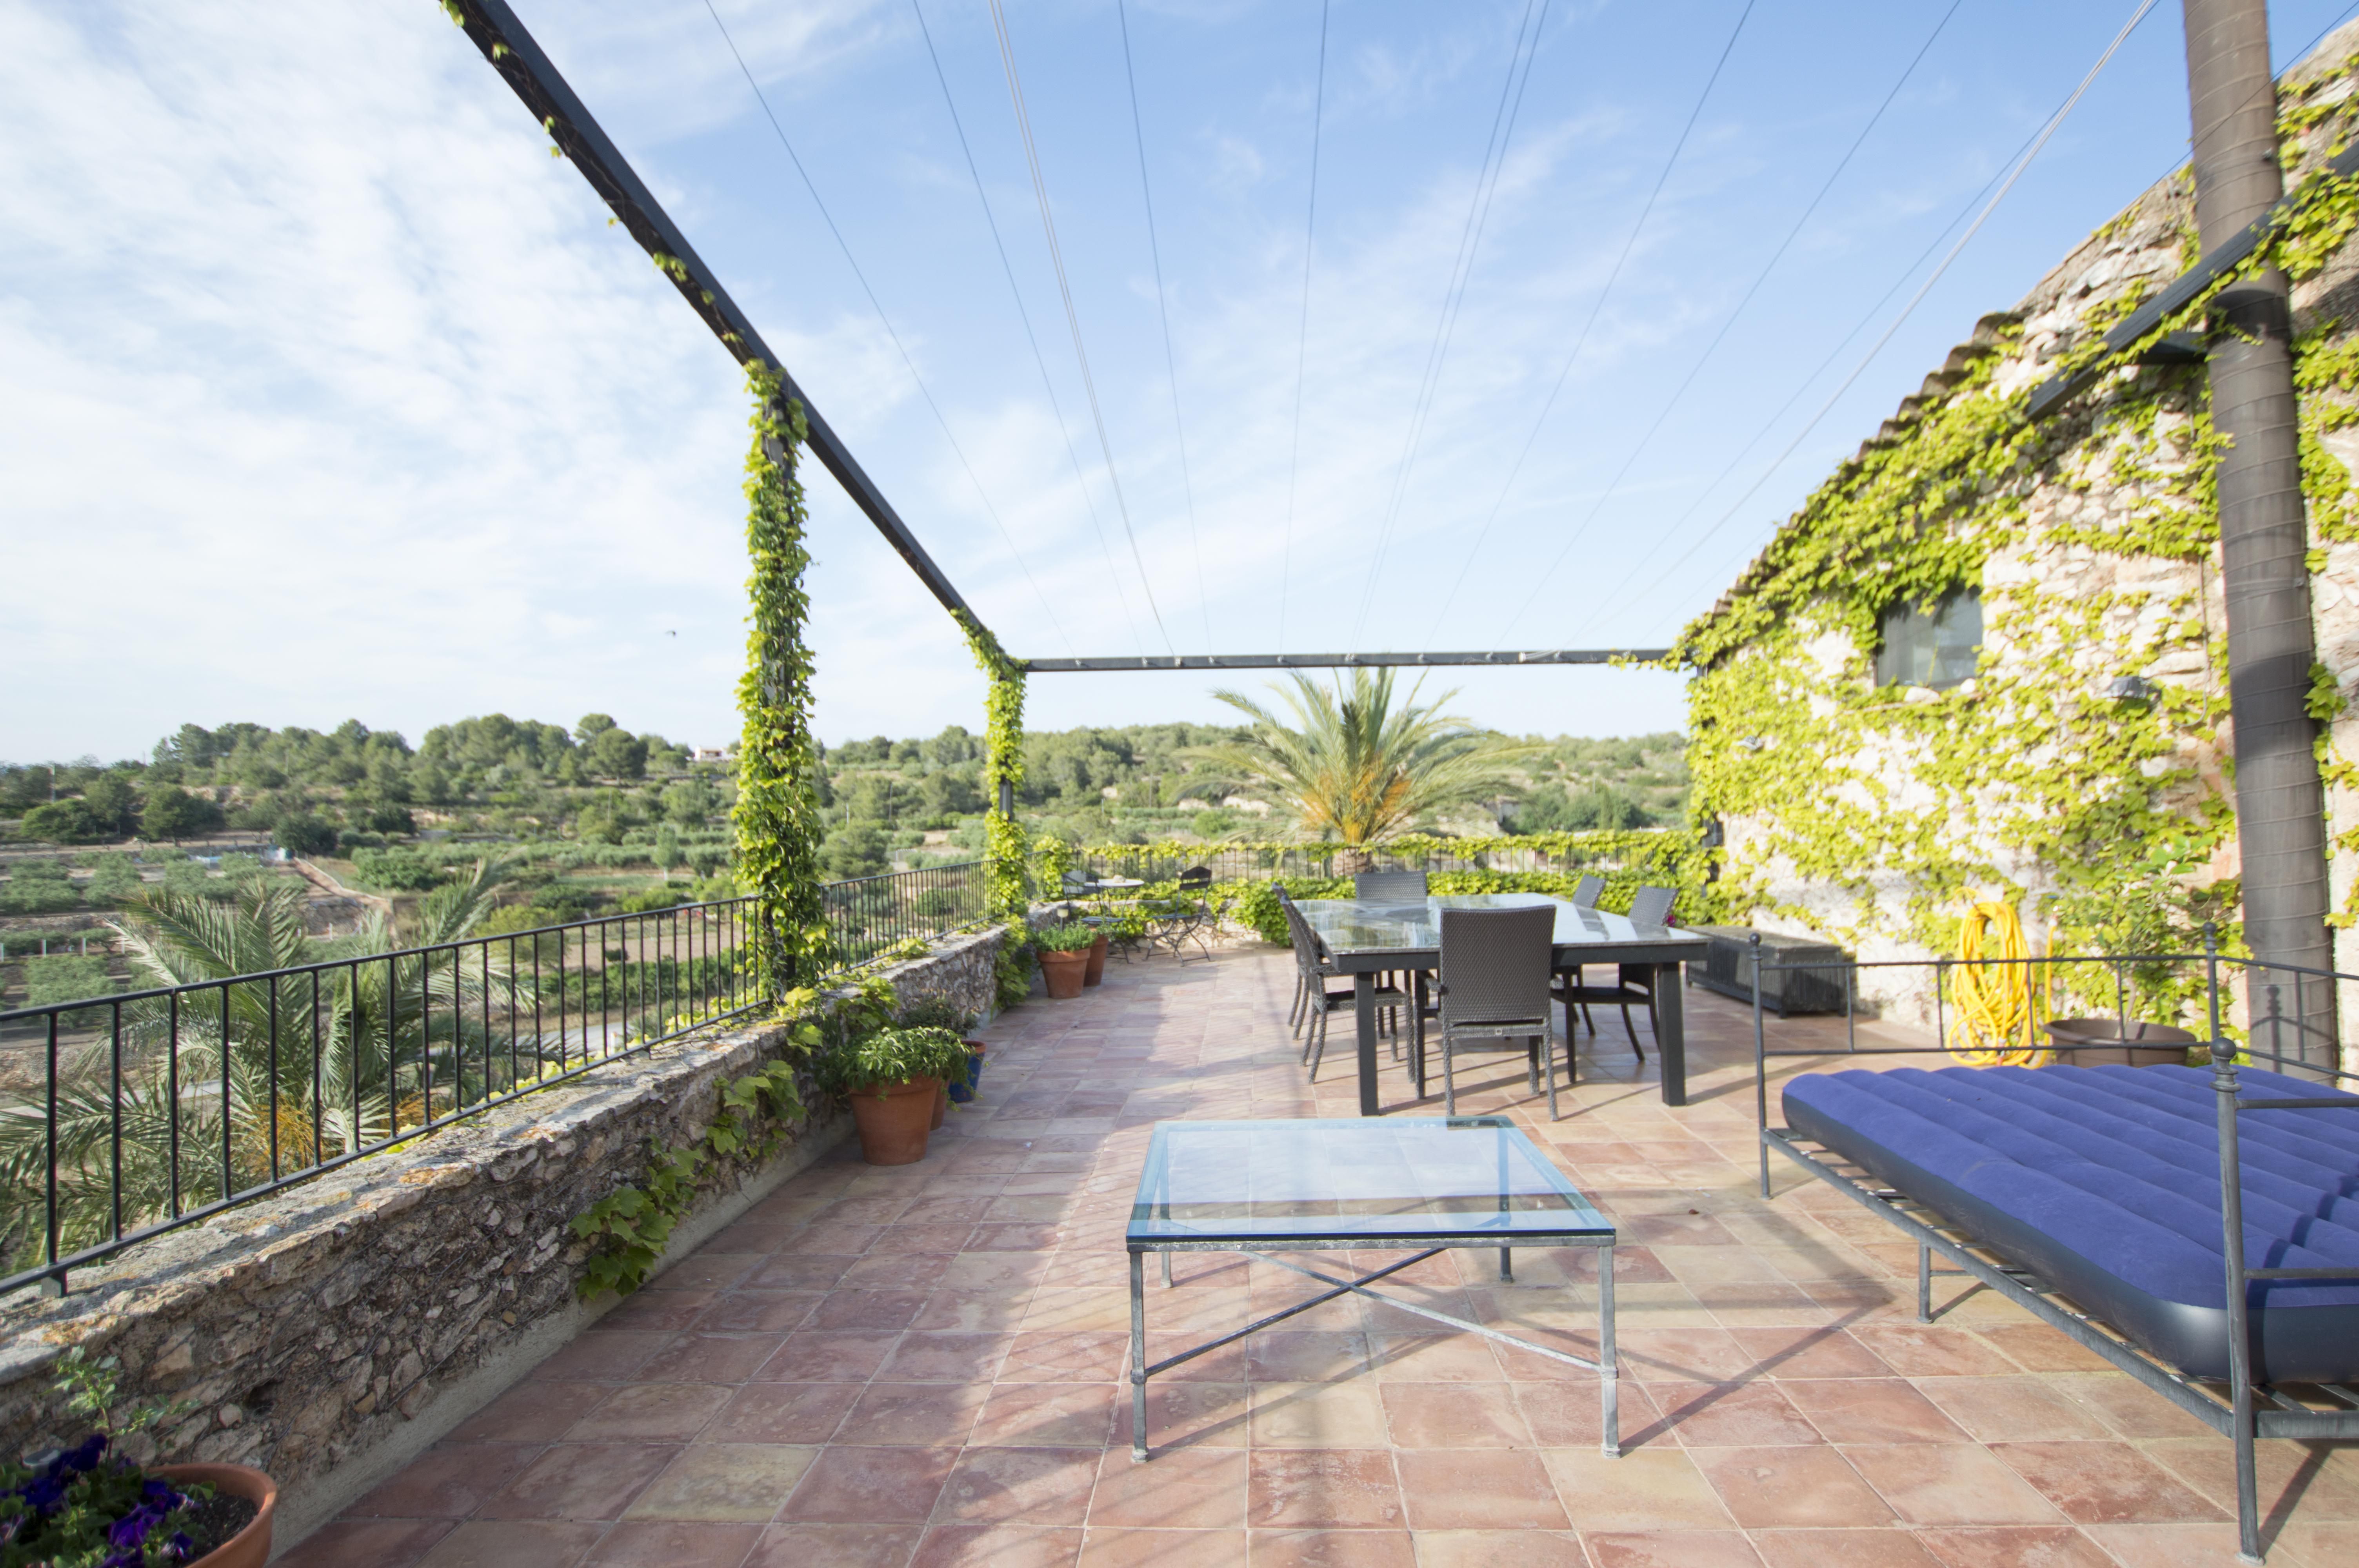 La casa cuenta 451 m2 distribuidos en tres plantas, cuatro dormitorios, cuatro baños y una piscina privada / Engel & Völkers